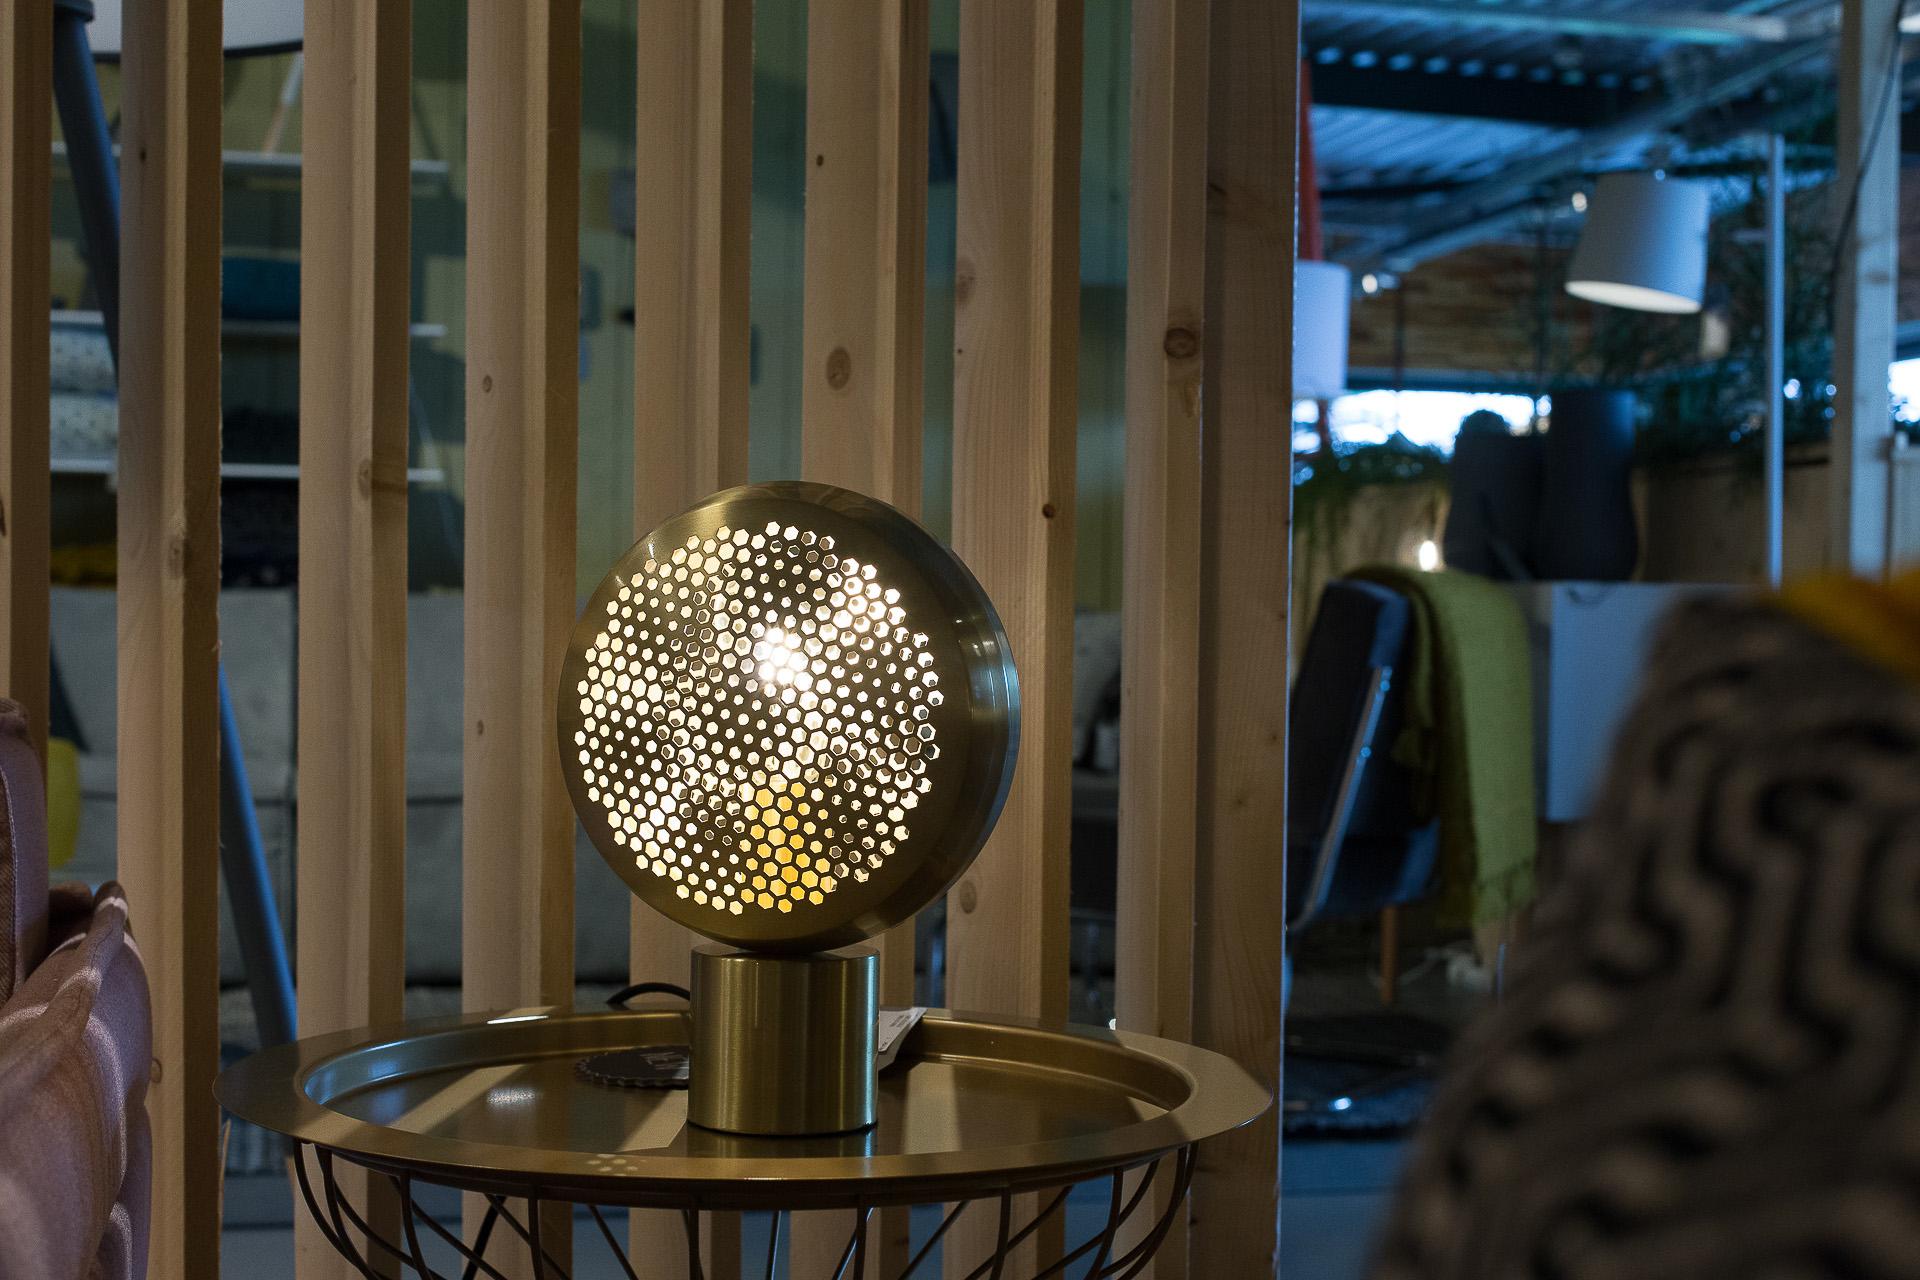 Inneneinrichtung Heidelberg, Mannheim, Stuttgart - Gaffga Interieur Design - Moebel von Zuiver, Tischleuchte in Gold